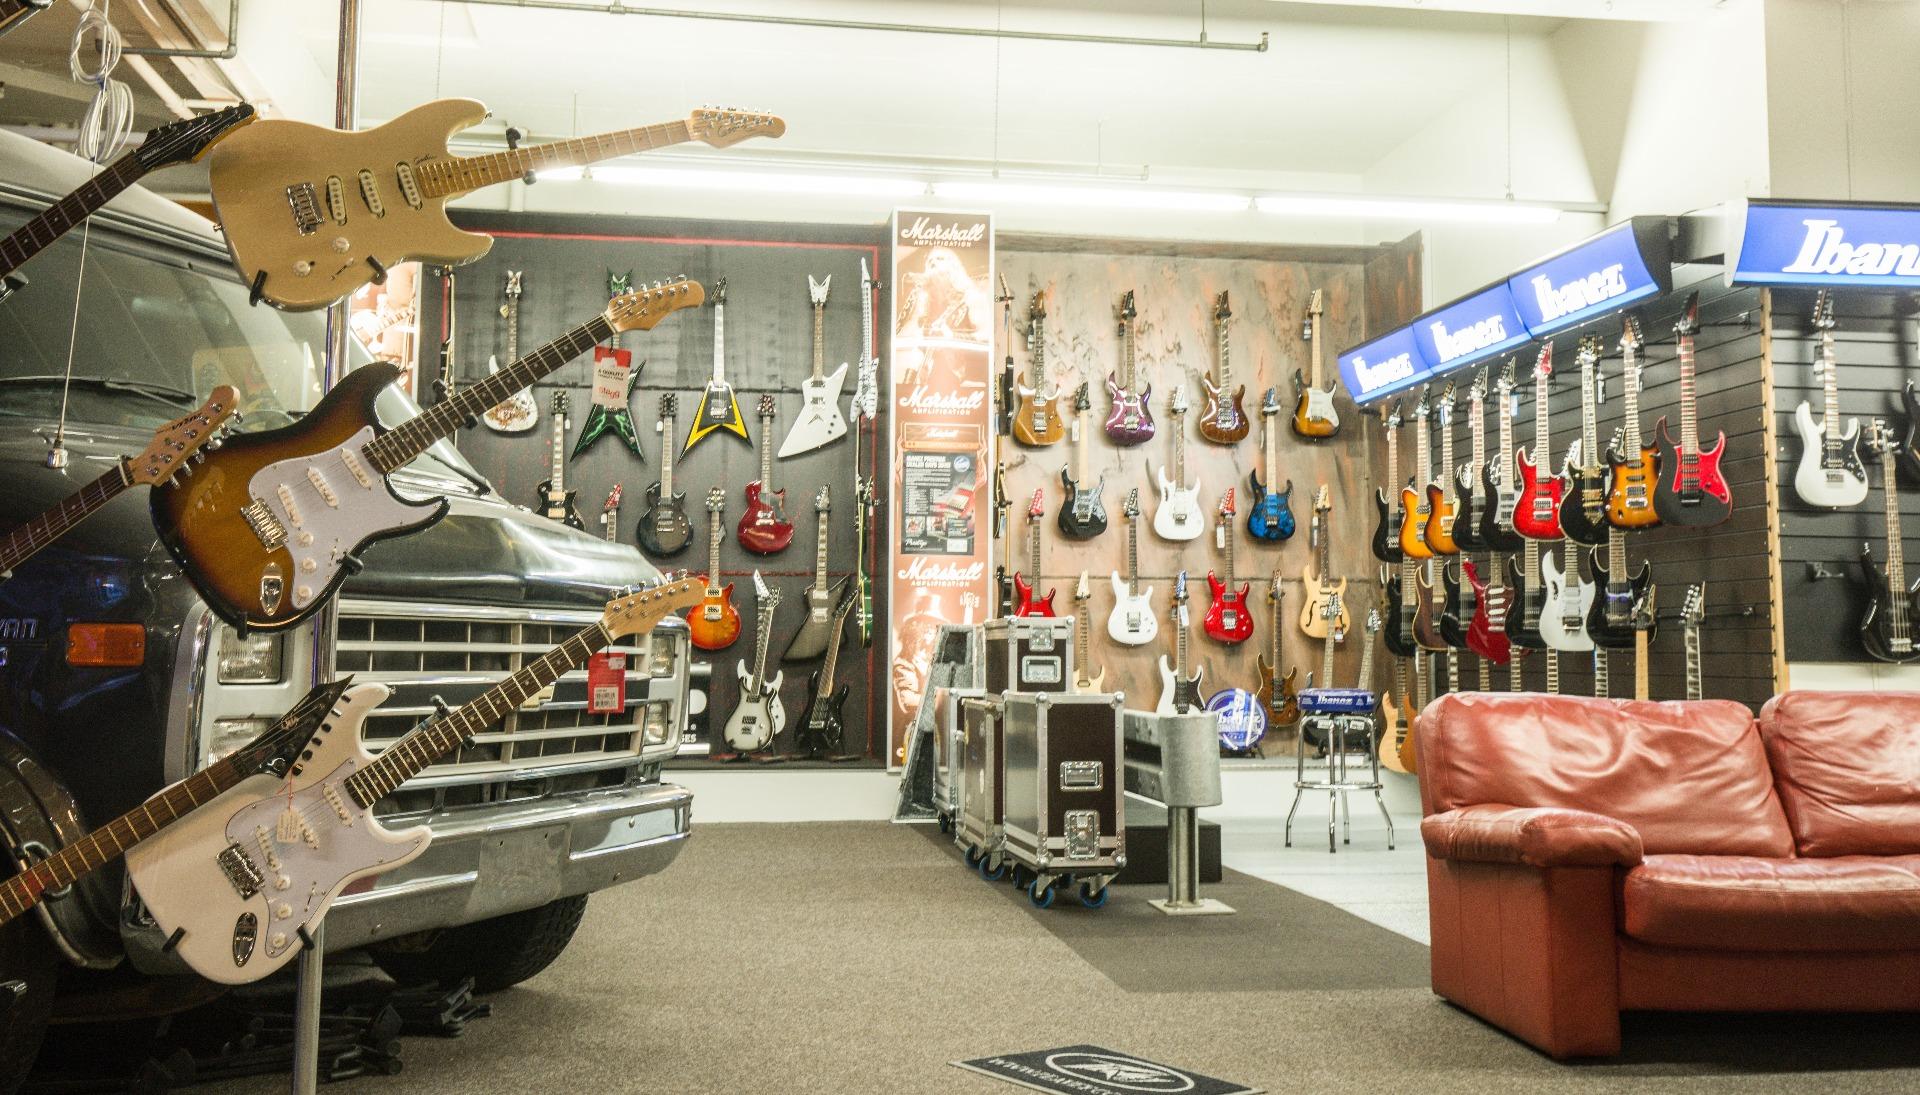 Unsere Auswahl an E-Gitarren Bild 2